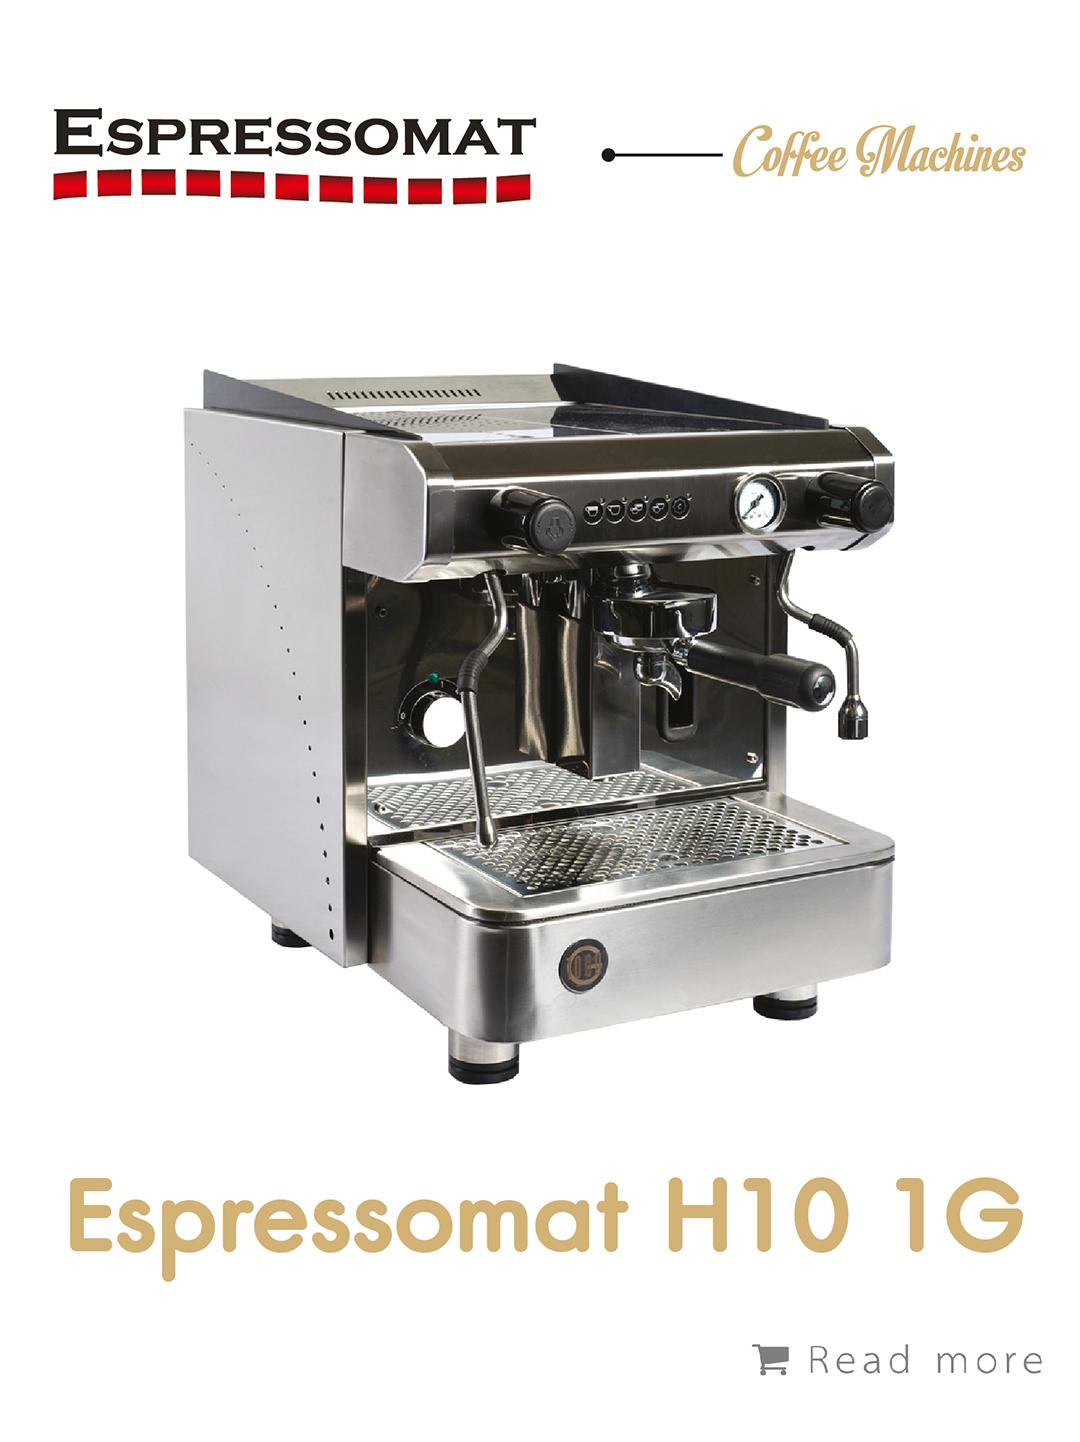 เครื่องชงกาแฟ ESPRESSOMAT H10 1G,เครื่องชงกาแฟ, เรียนชงกาแฟ, สอนชงกาแฟ, อุปกรณ์ร้านกาแฟ, กาแฟคั่ว, ซ่อมเครื่องชงกาแฟ, ขายเครื่องชงกาแฟ, จำหน่ายเมล็ดกาแฟคั่ว, ขายเมล็ดกาแฟคั่ว, จำหน่ายเมล็ดกาแฟสาร, ขายเมล็ดกาแฟสาร, เมล็ดกาแฟคั่ว, เมล็ดกาแฟสาร, อุปกรณ์สำหรับเปิดร้านกาแฟ , เปิดสอนฝึกอบรมการชงกาแฟที่ถูกต้อง , รับจ้างโปรเซสกาแฟ, คั่วกาแฟด้วยเครื่องจักรอันทันสมัย